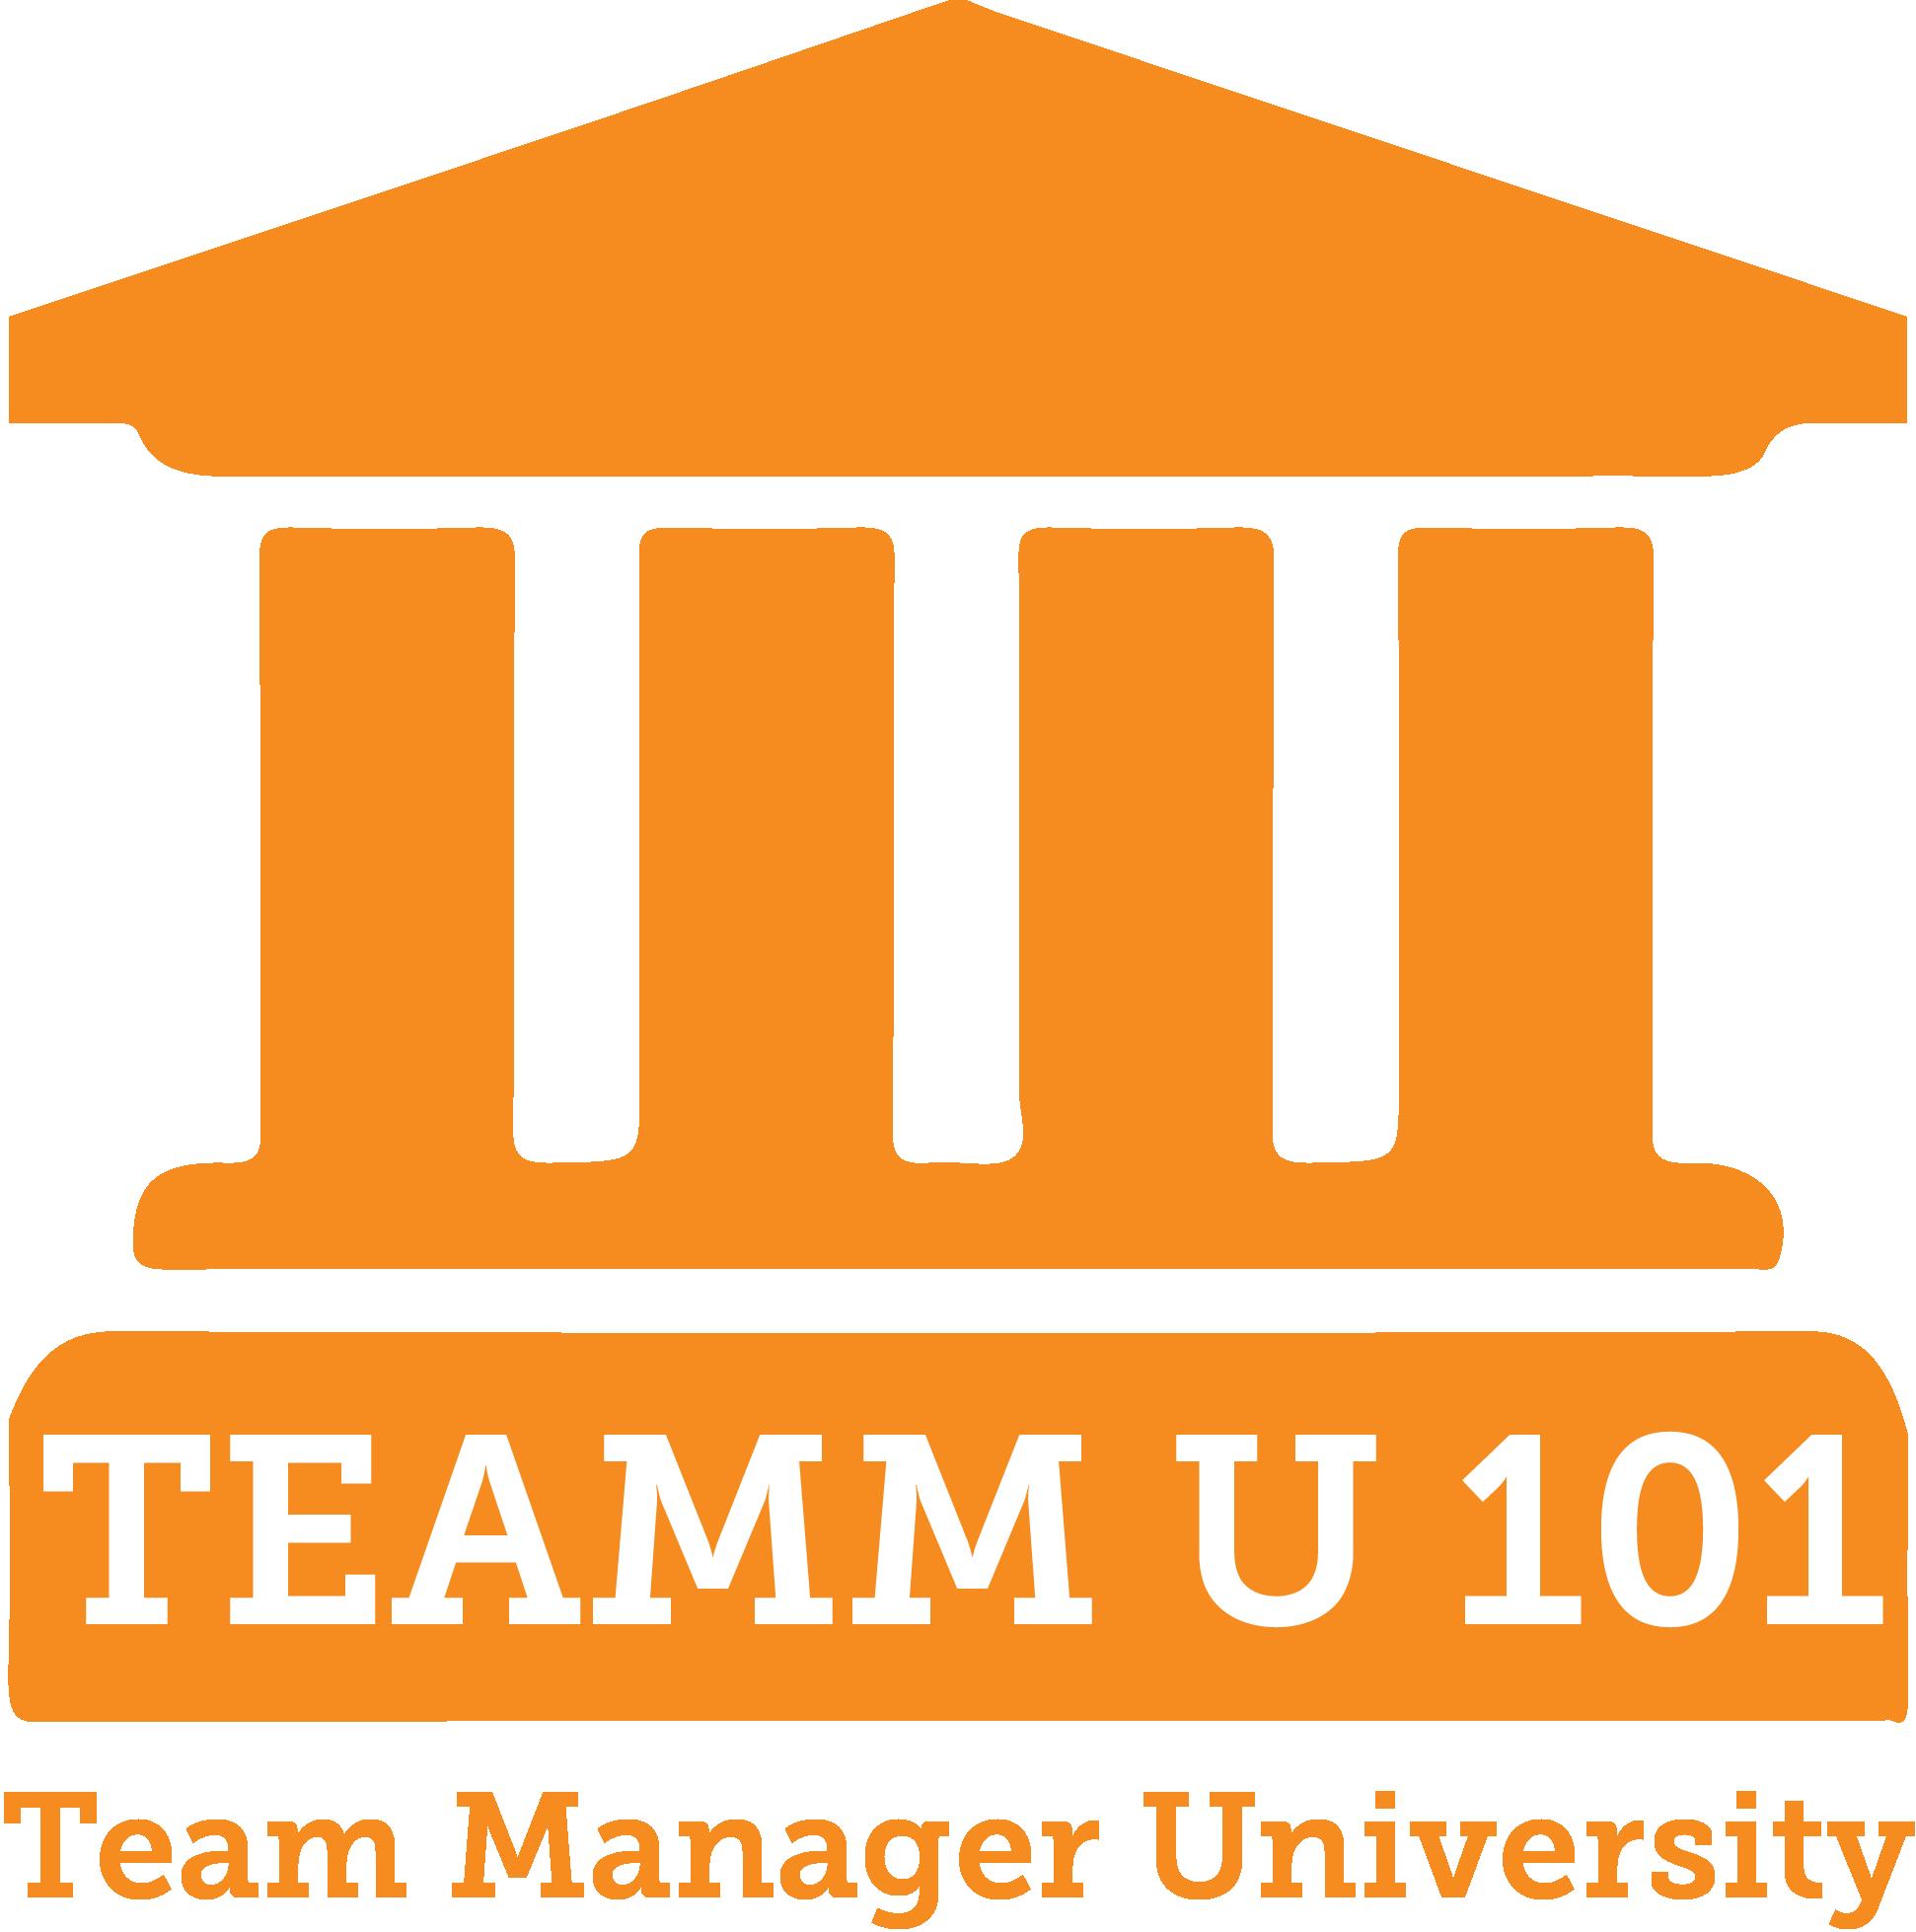 TEAMMU 101 Logo.png